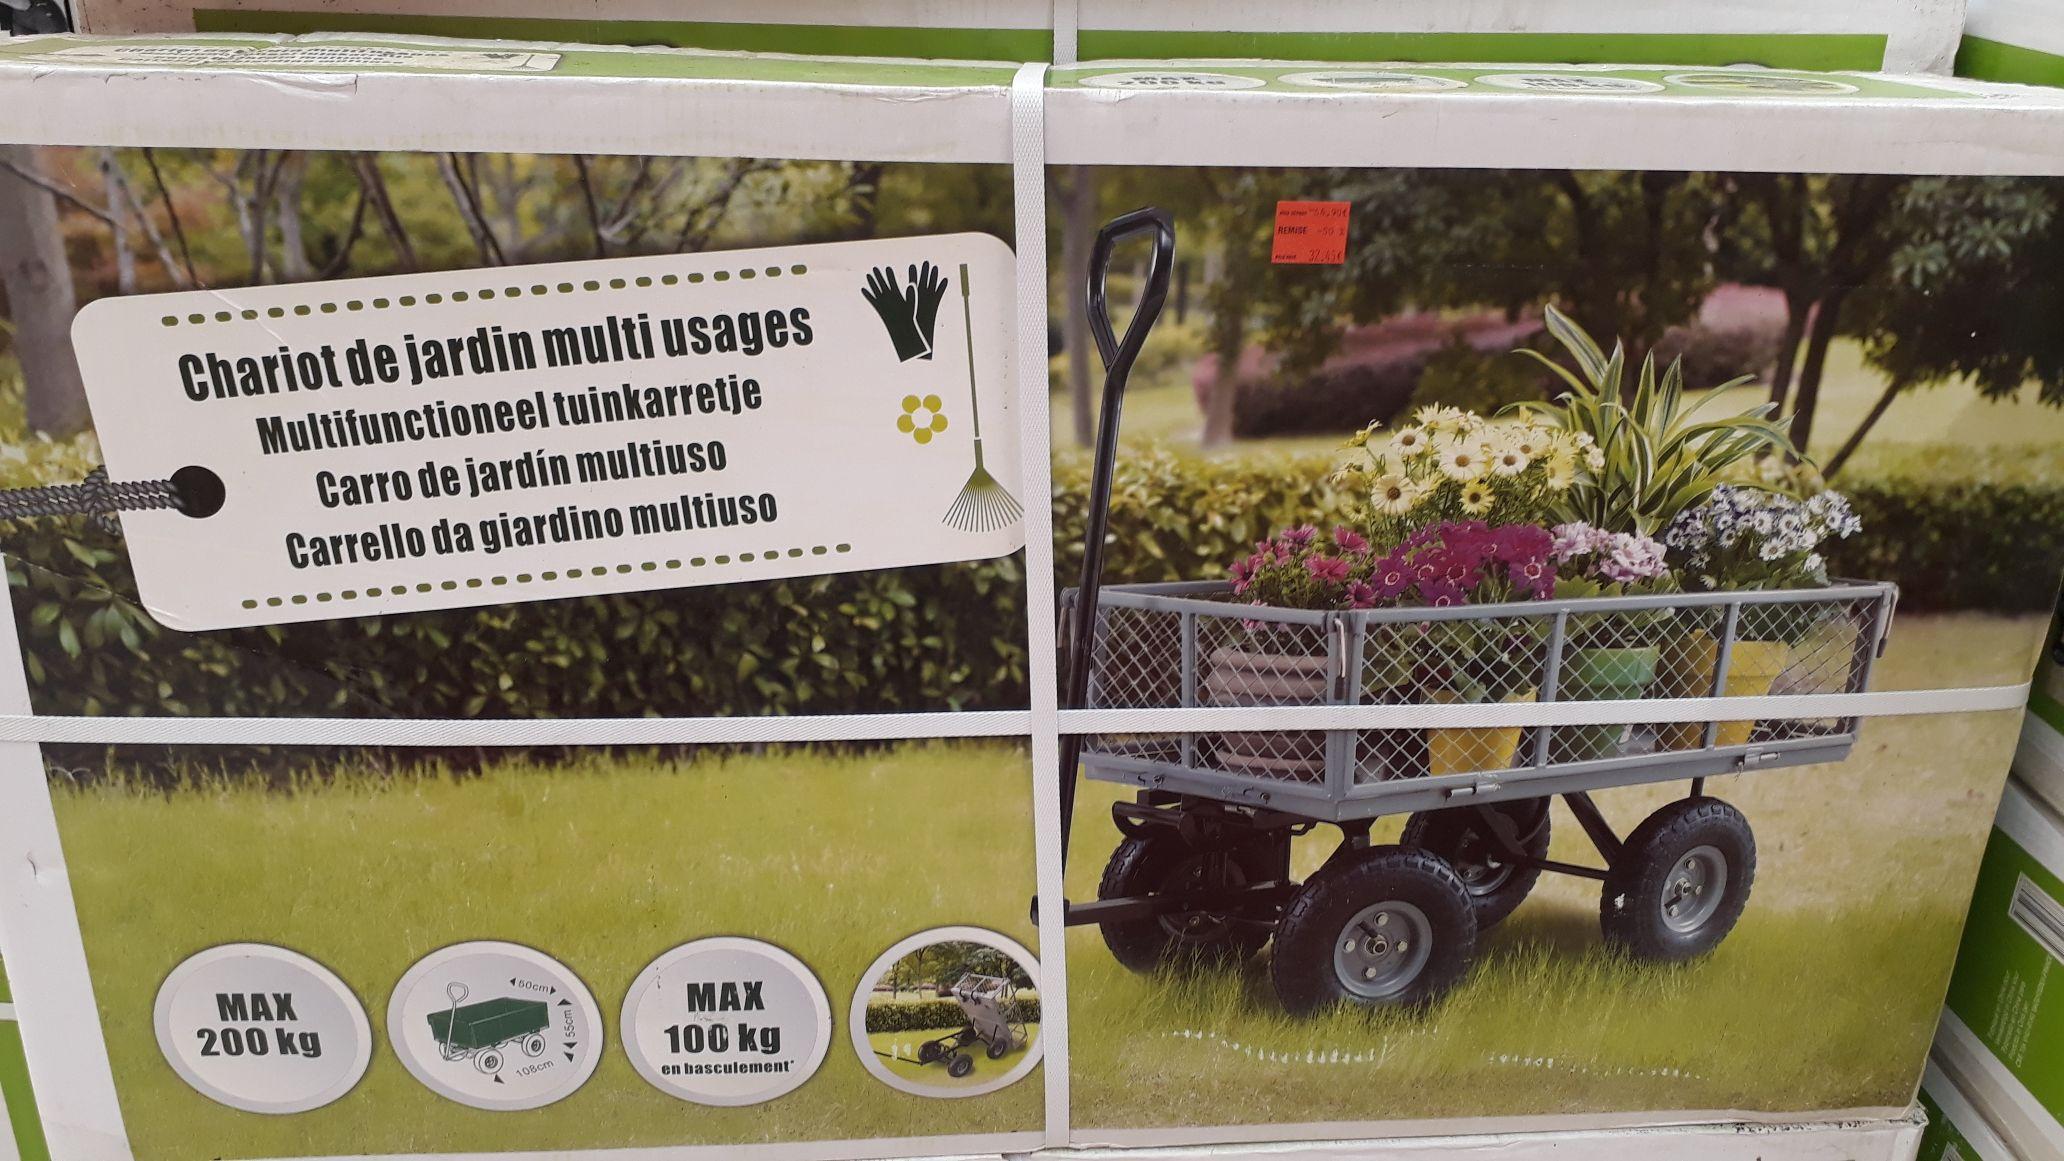 Chariot de jardin multi-usages (Deux modèles) - Chelles (77)